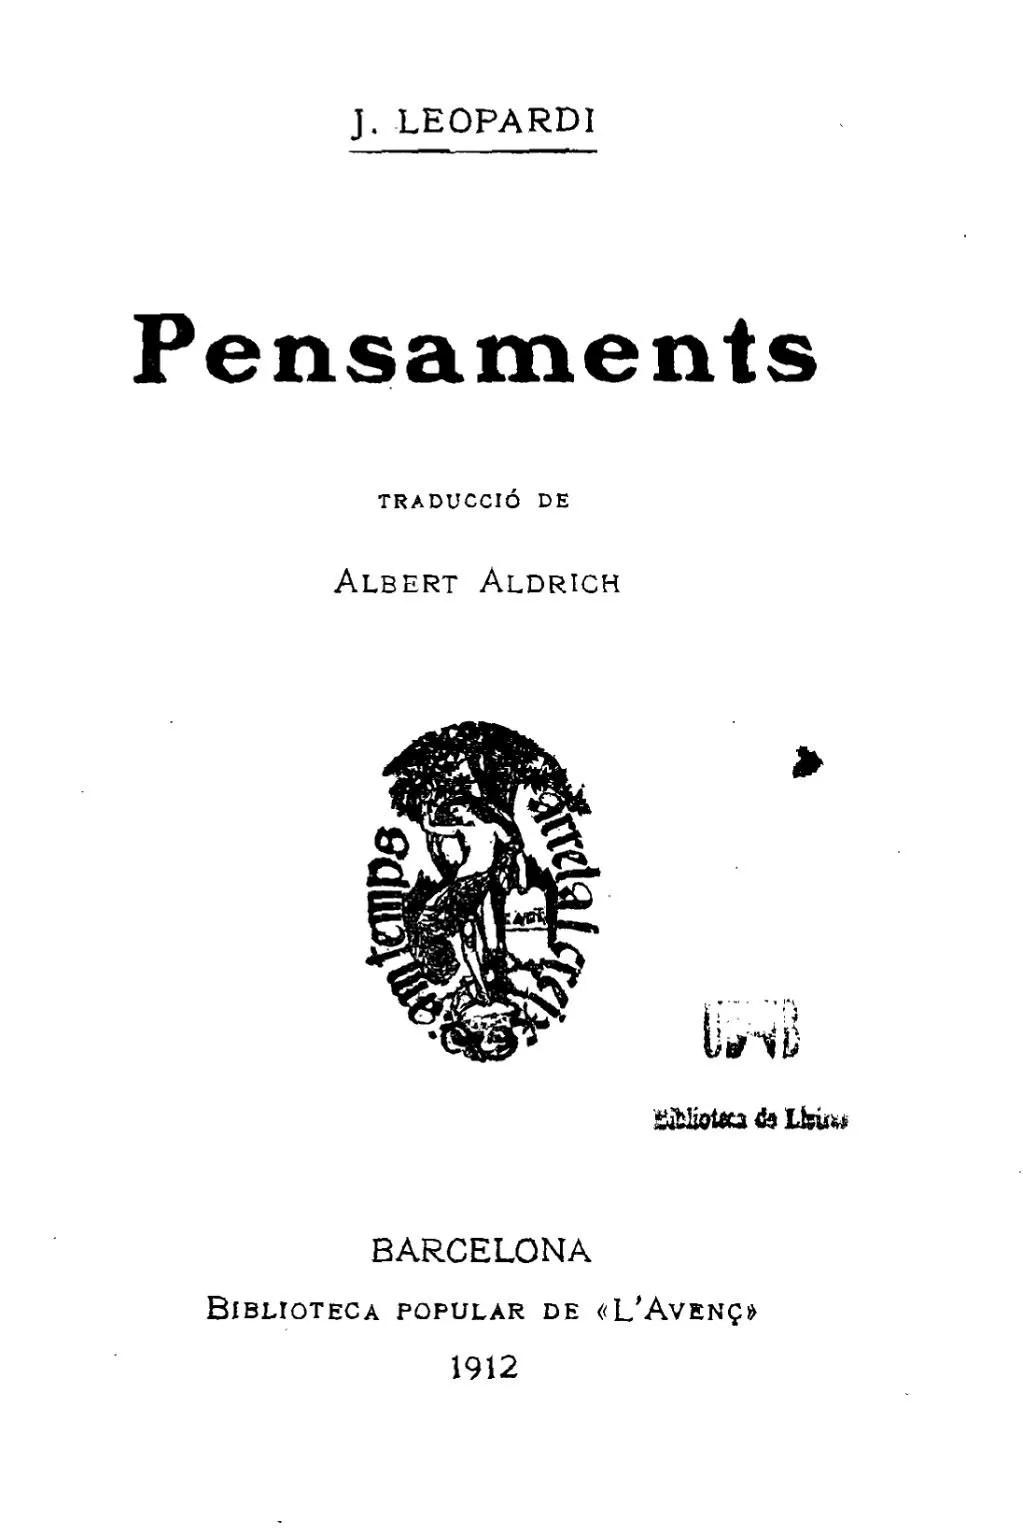 pensaments giacomo leopardi traducció català albert aldrich